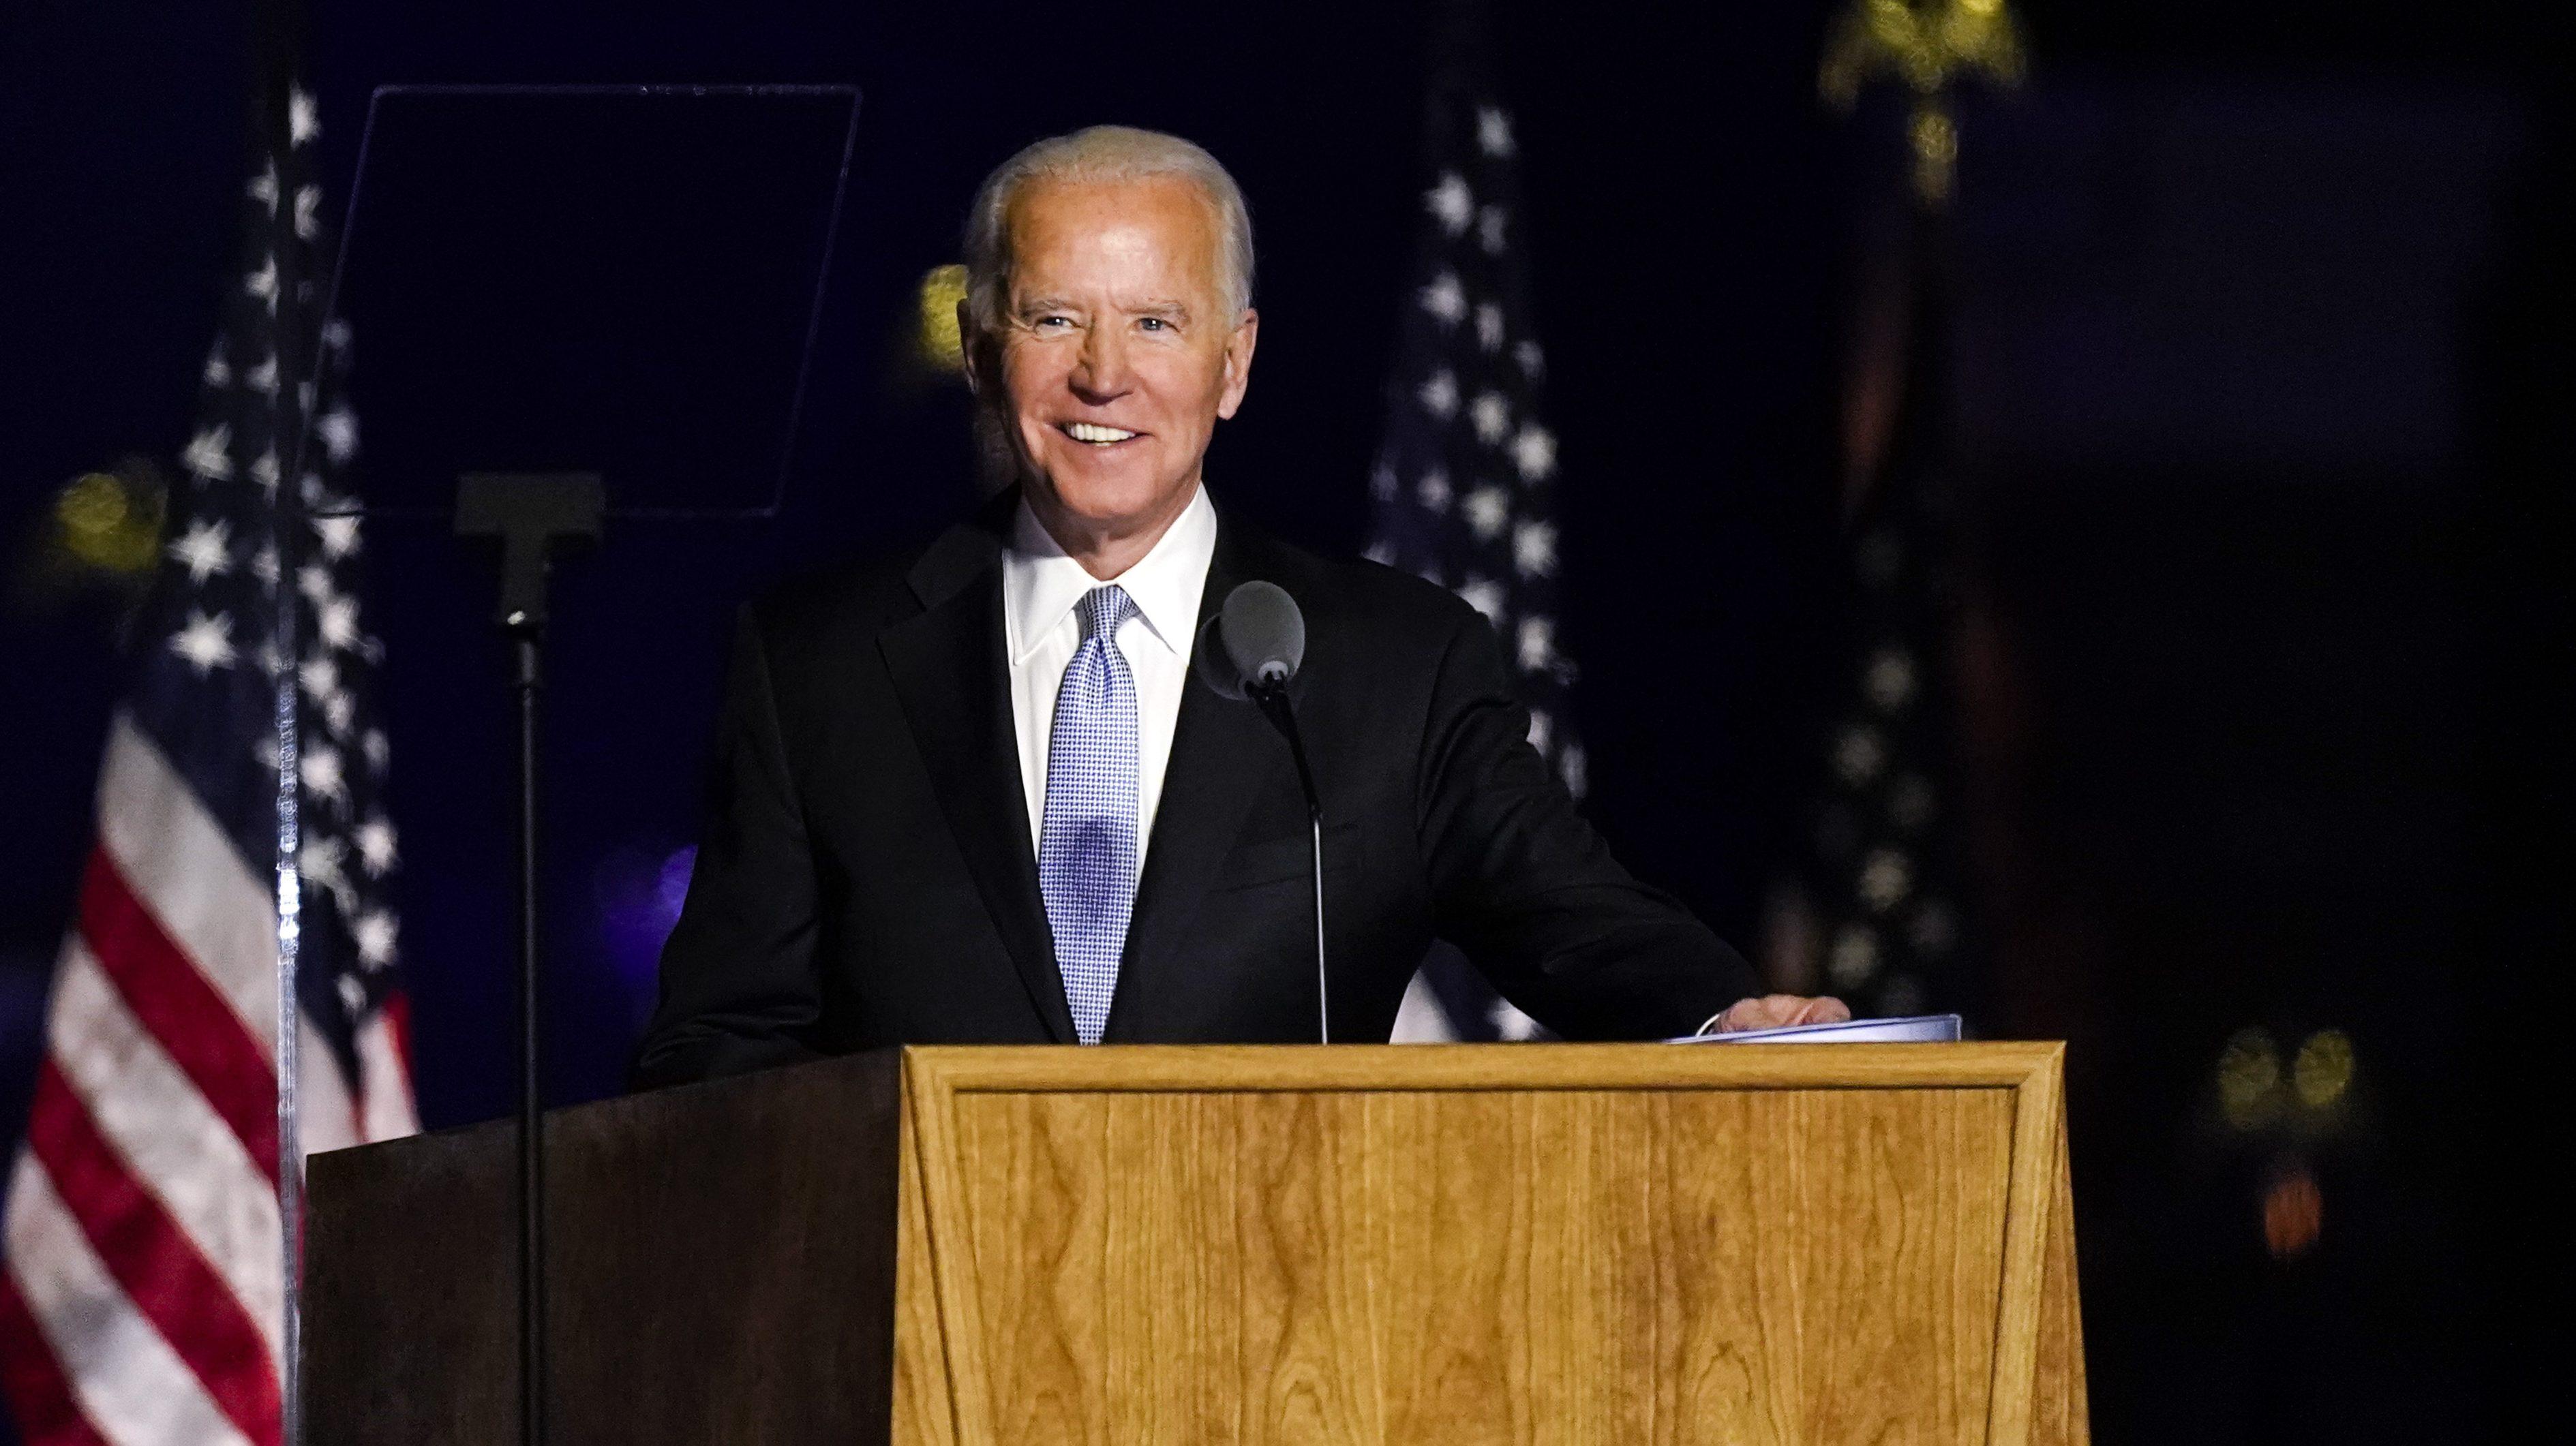 joe-biden-president-elect-acceptance-speech